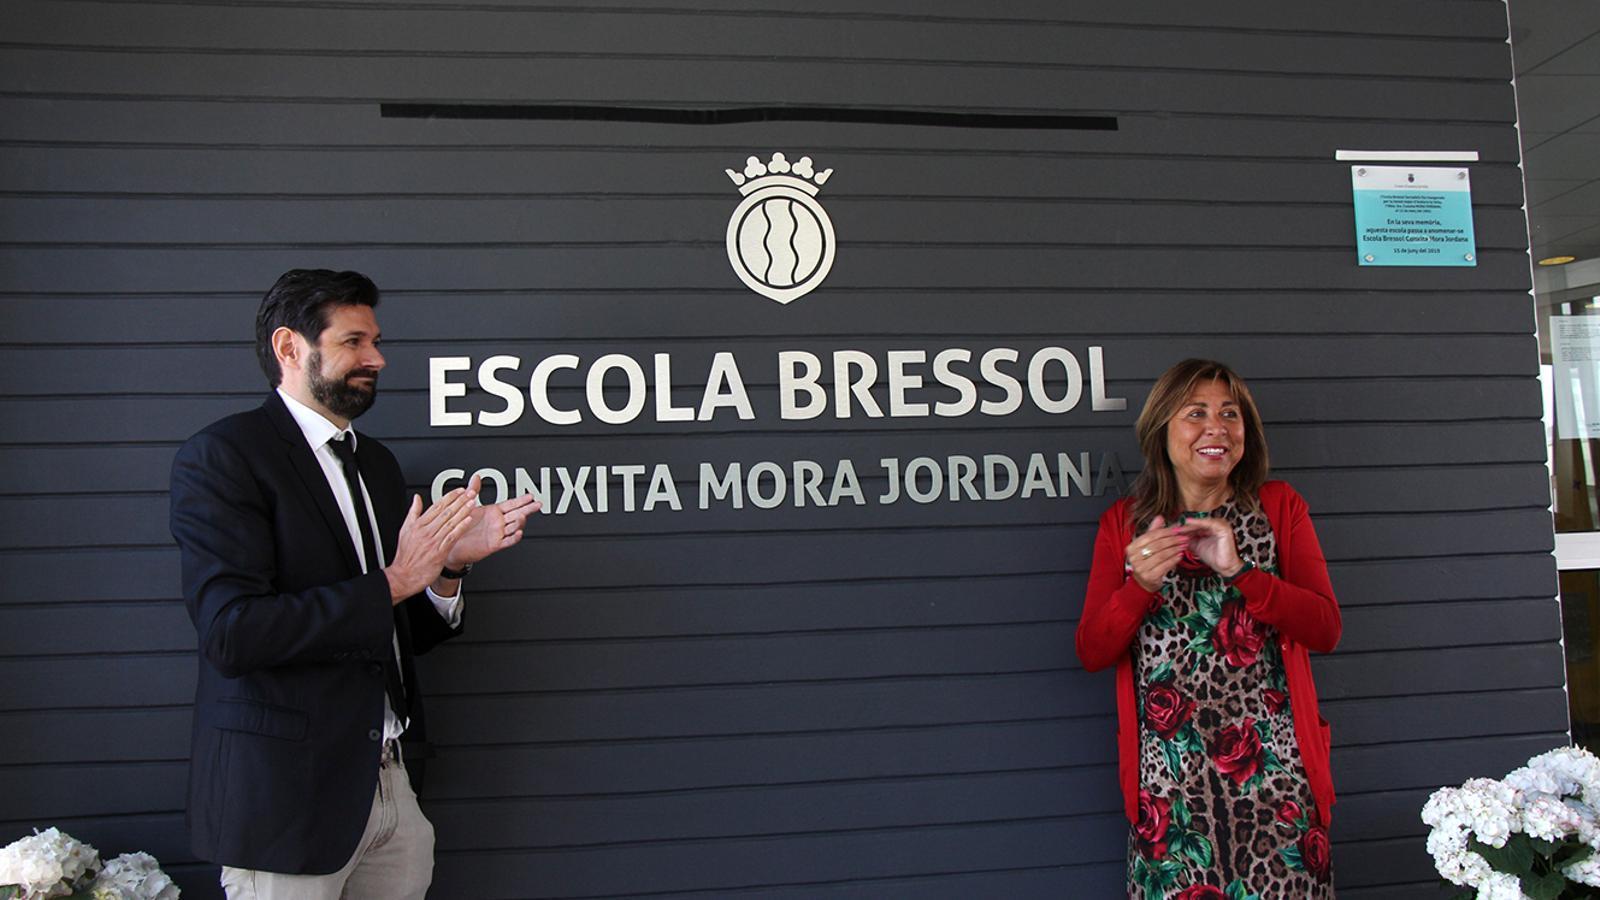 La cònsol major, Conxita Marsol, i el fill de Mora, Ivan Mora, un cop destapat el nou nom de l'escola bressol. / M. M. (ANA)